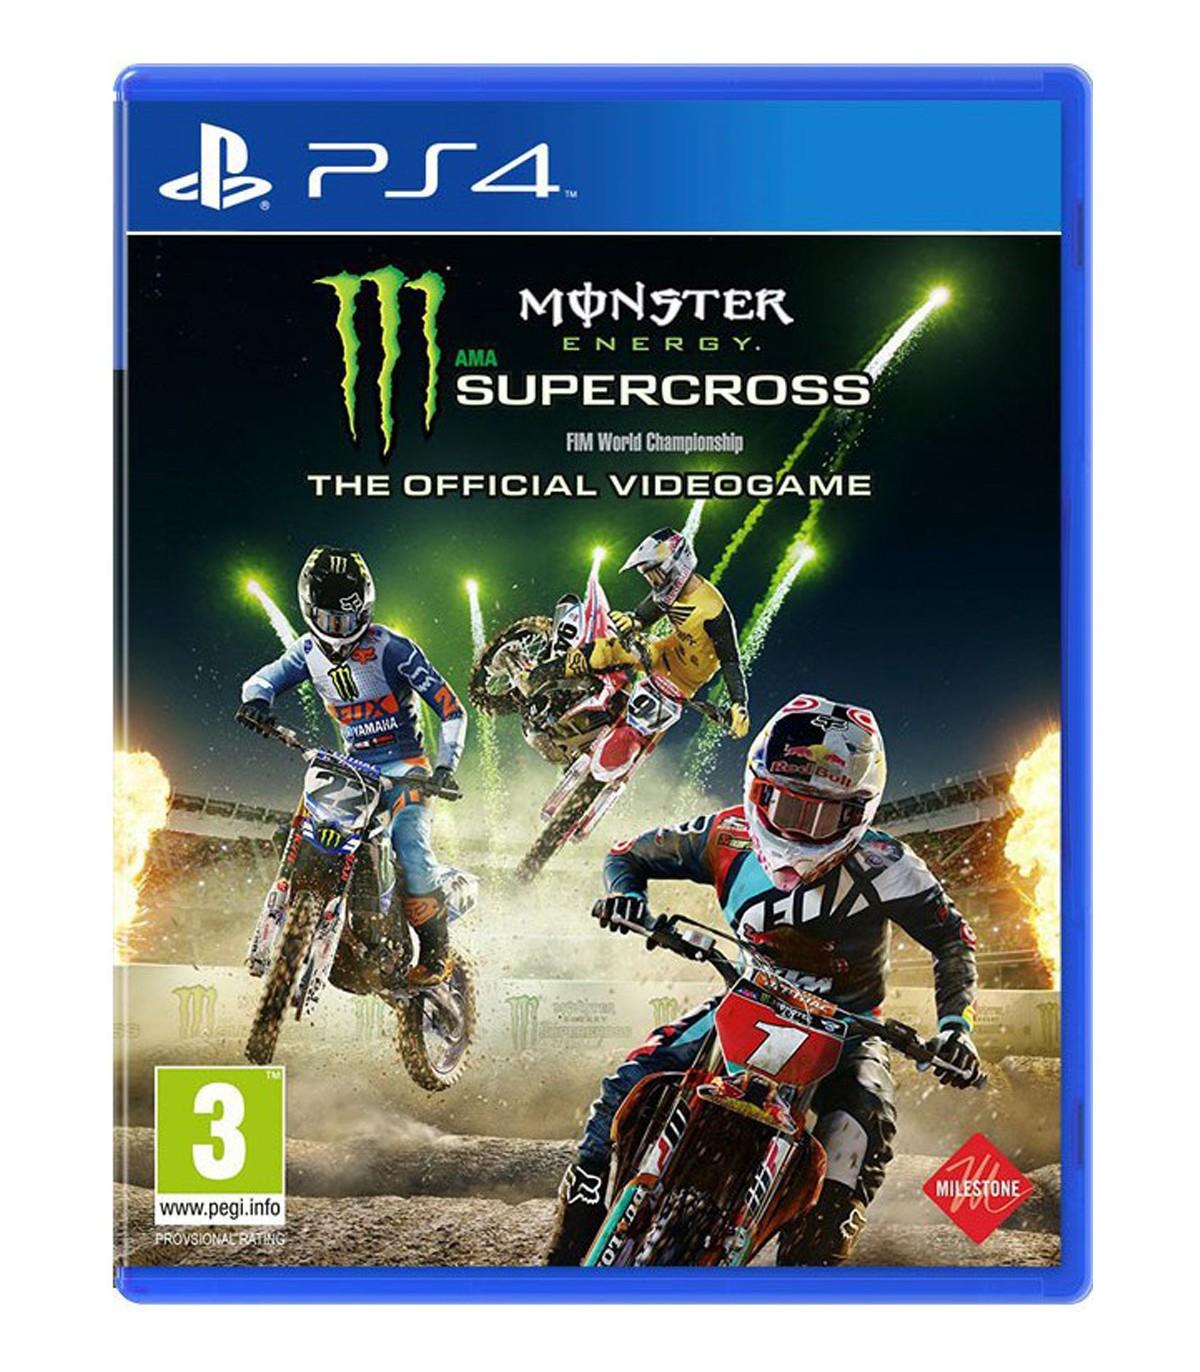 بازی Monster Energy Supercross: The Official Videogame کارکرده - پلی استیشن 4